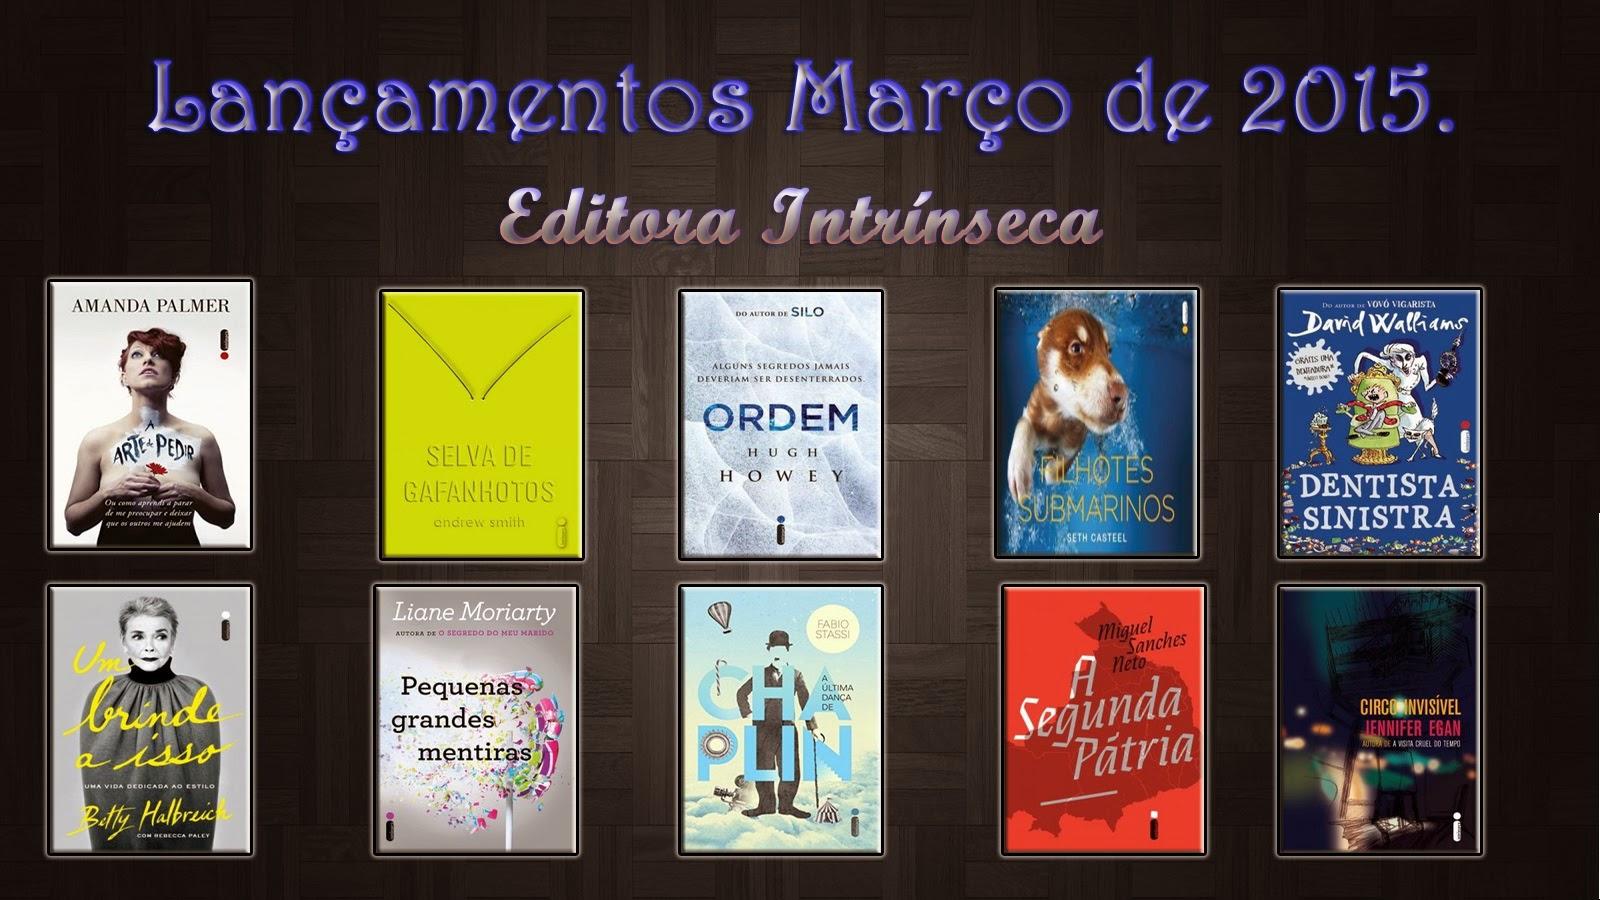 http://livrosetalgroup.blogspot.com.br/p/blog-page_6.html